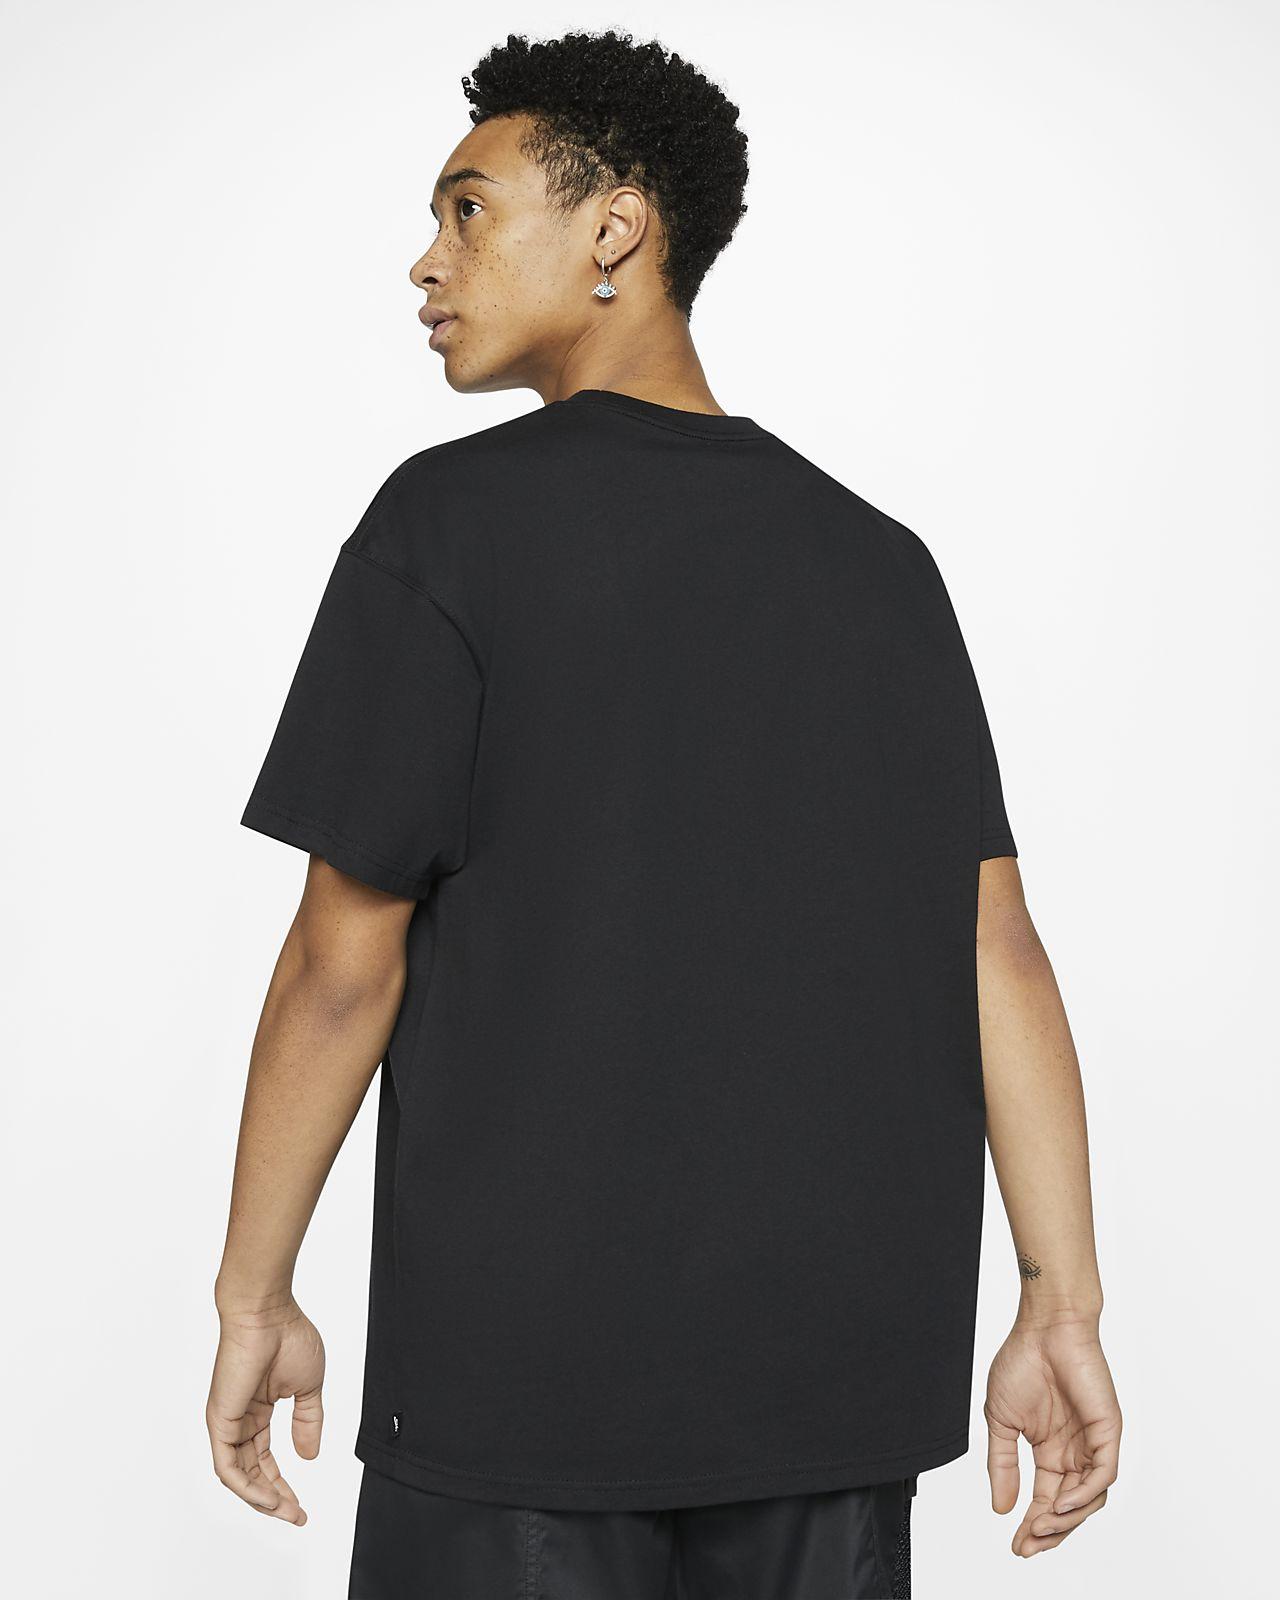 Męski T shirt do skateboardingu Nike SB. Nike PL